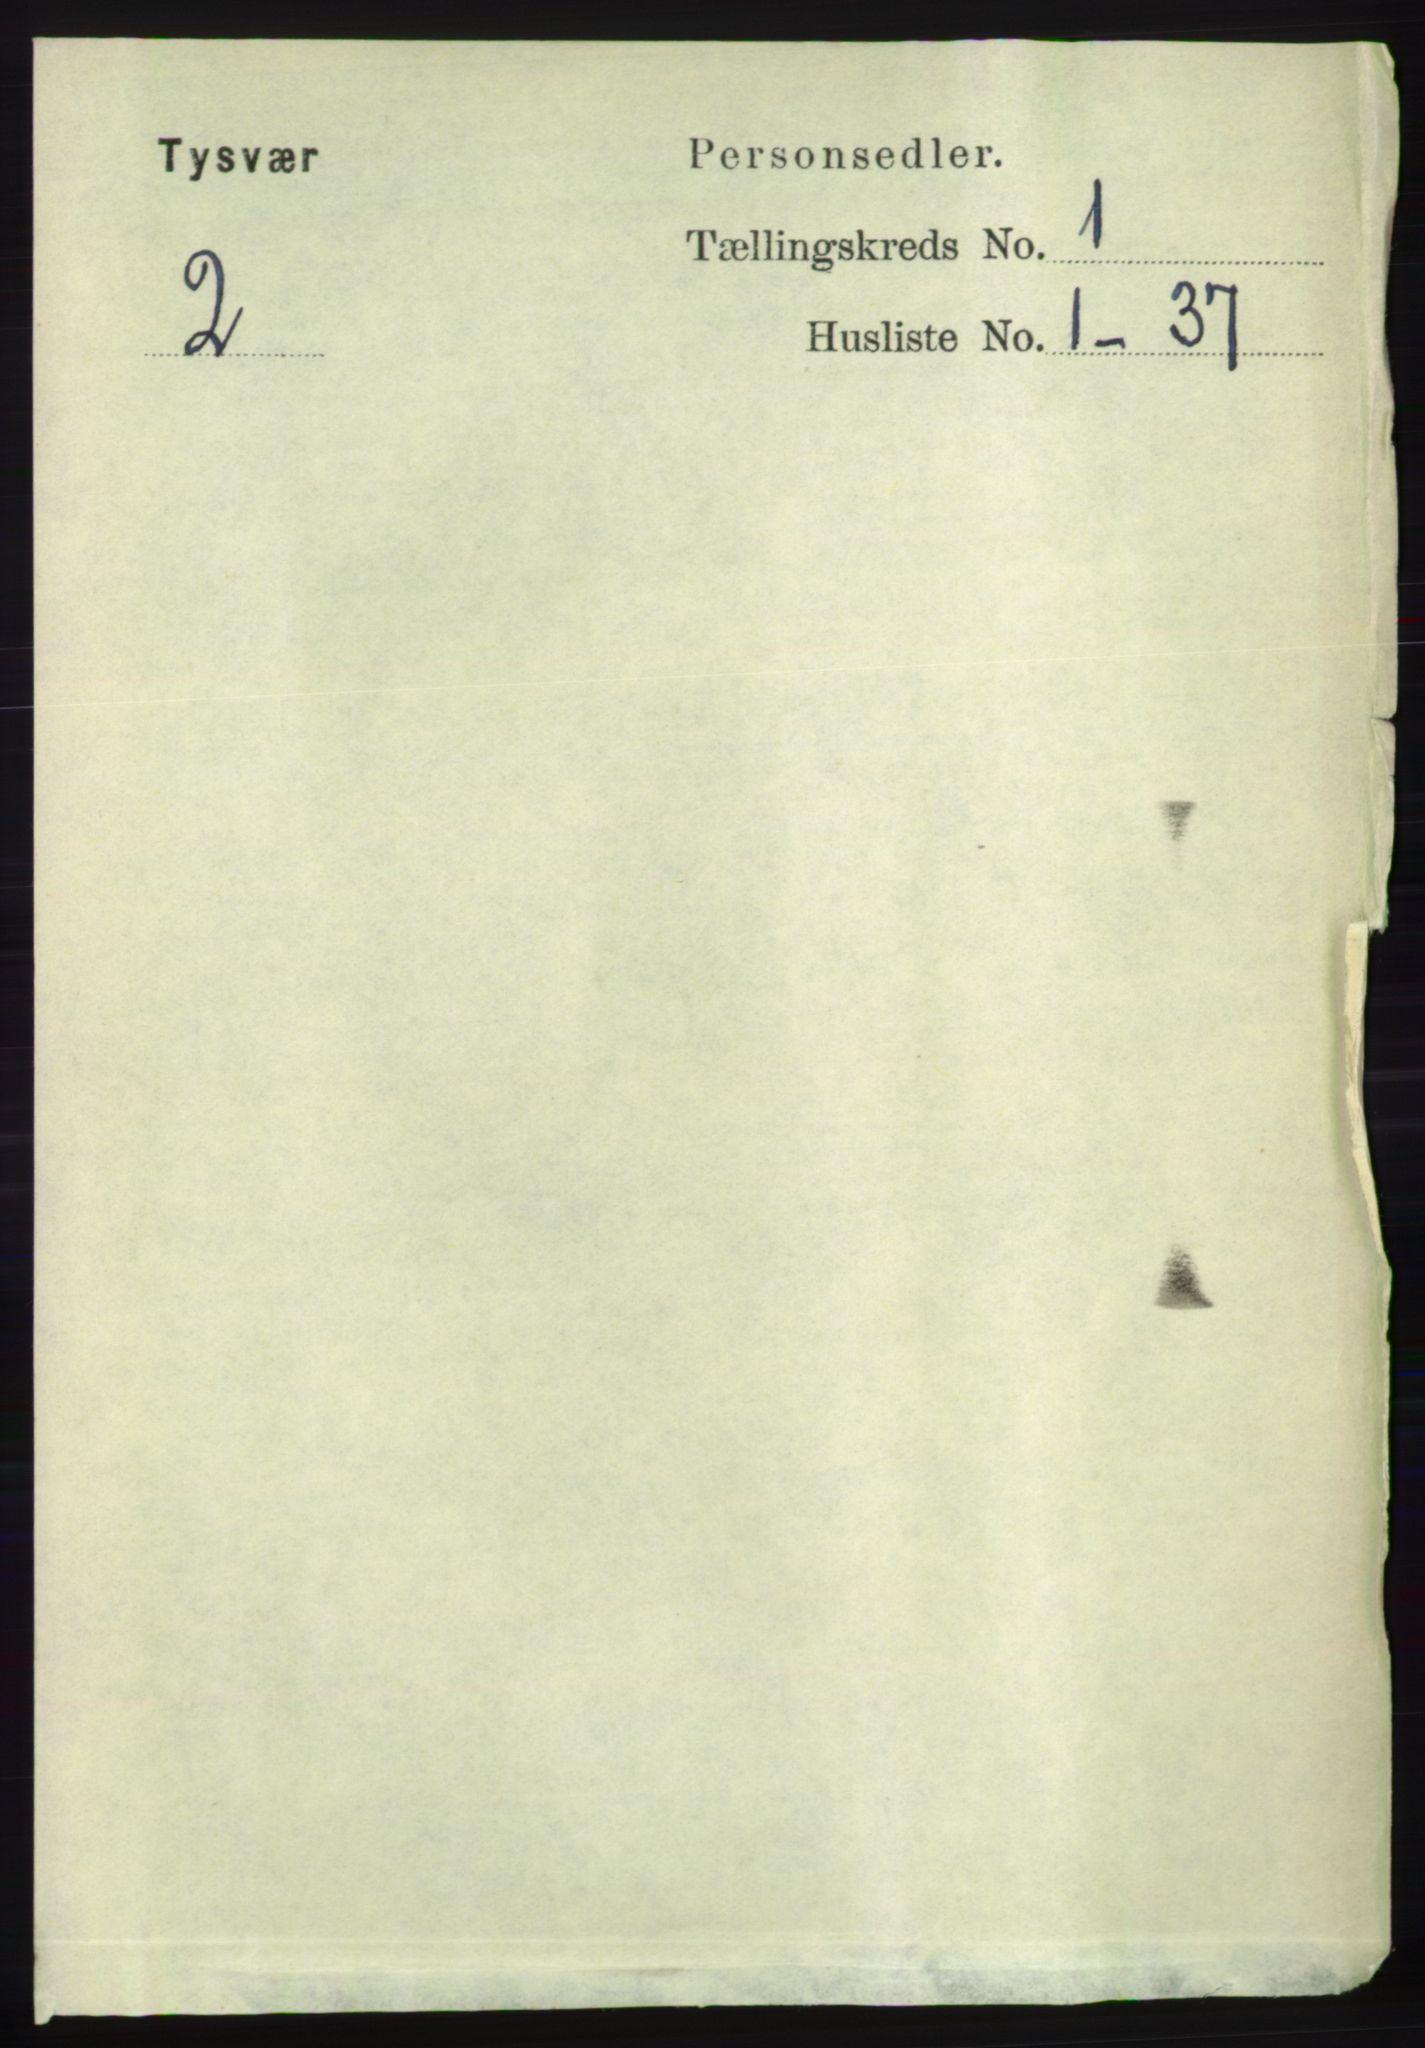 RA, Folketelling 1891 for 1146 Tysvær herred, 1891, s. 116